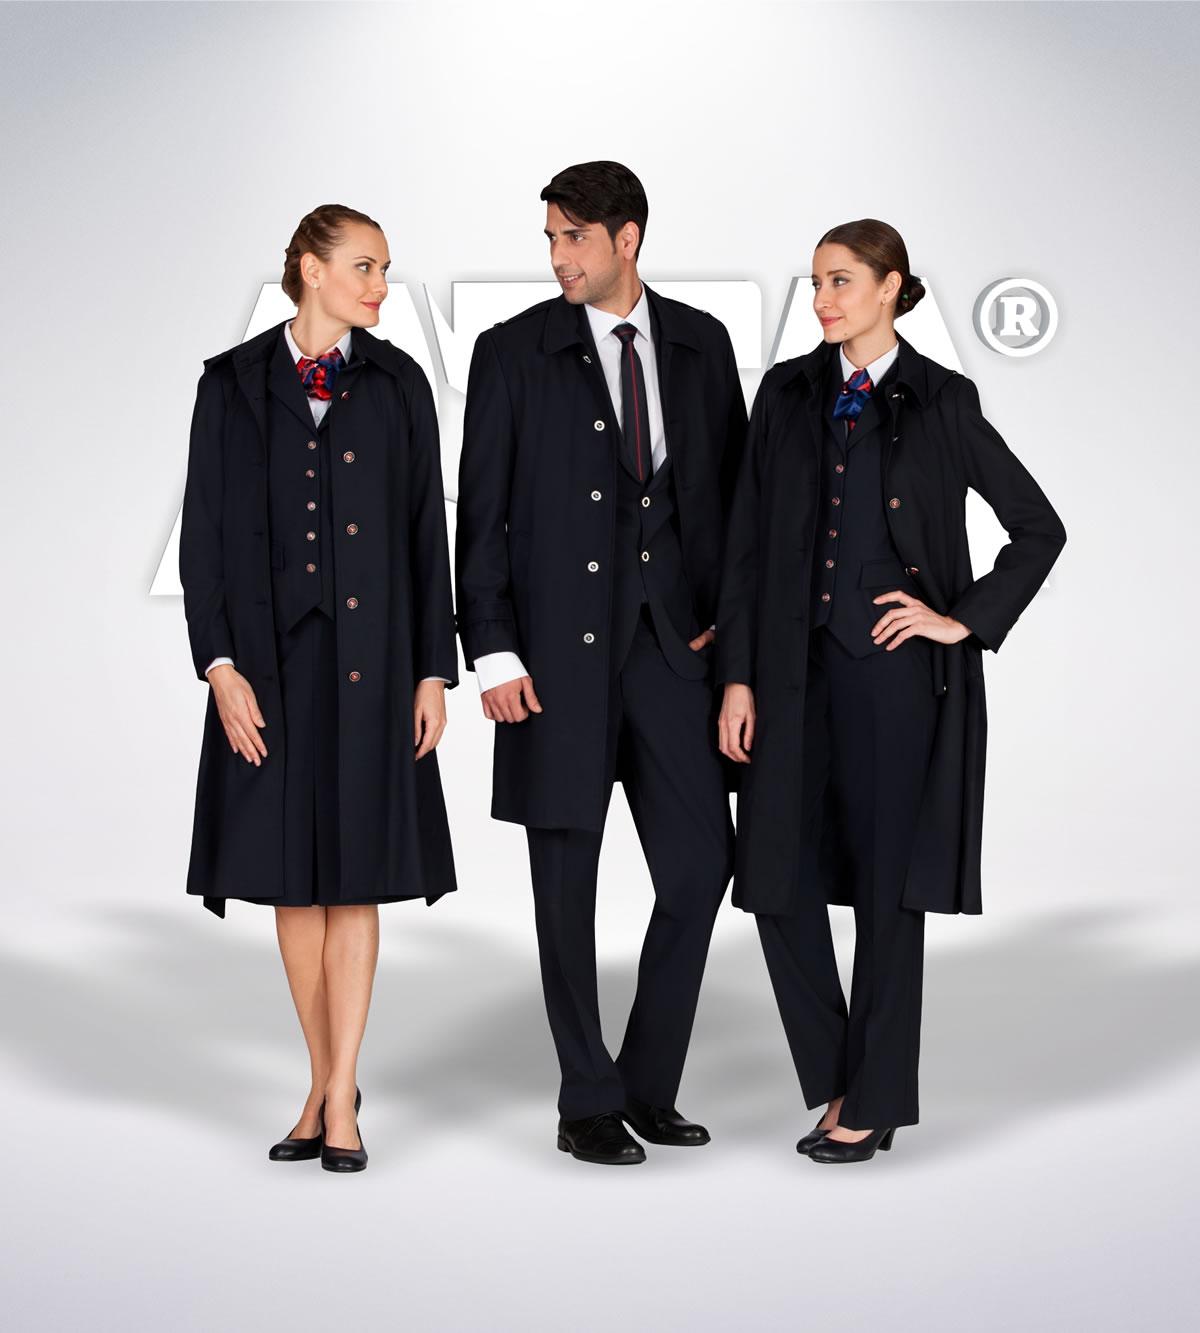 ATA 428-429-430 - iş elbiseleri | iş üniformaları | iş kıyafetleri